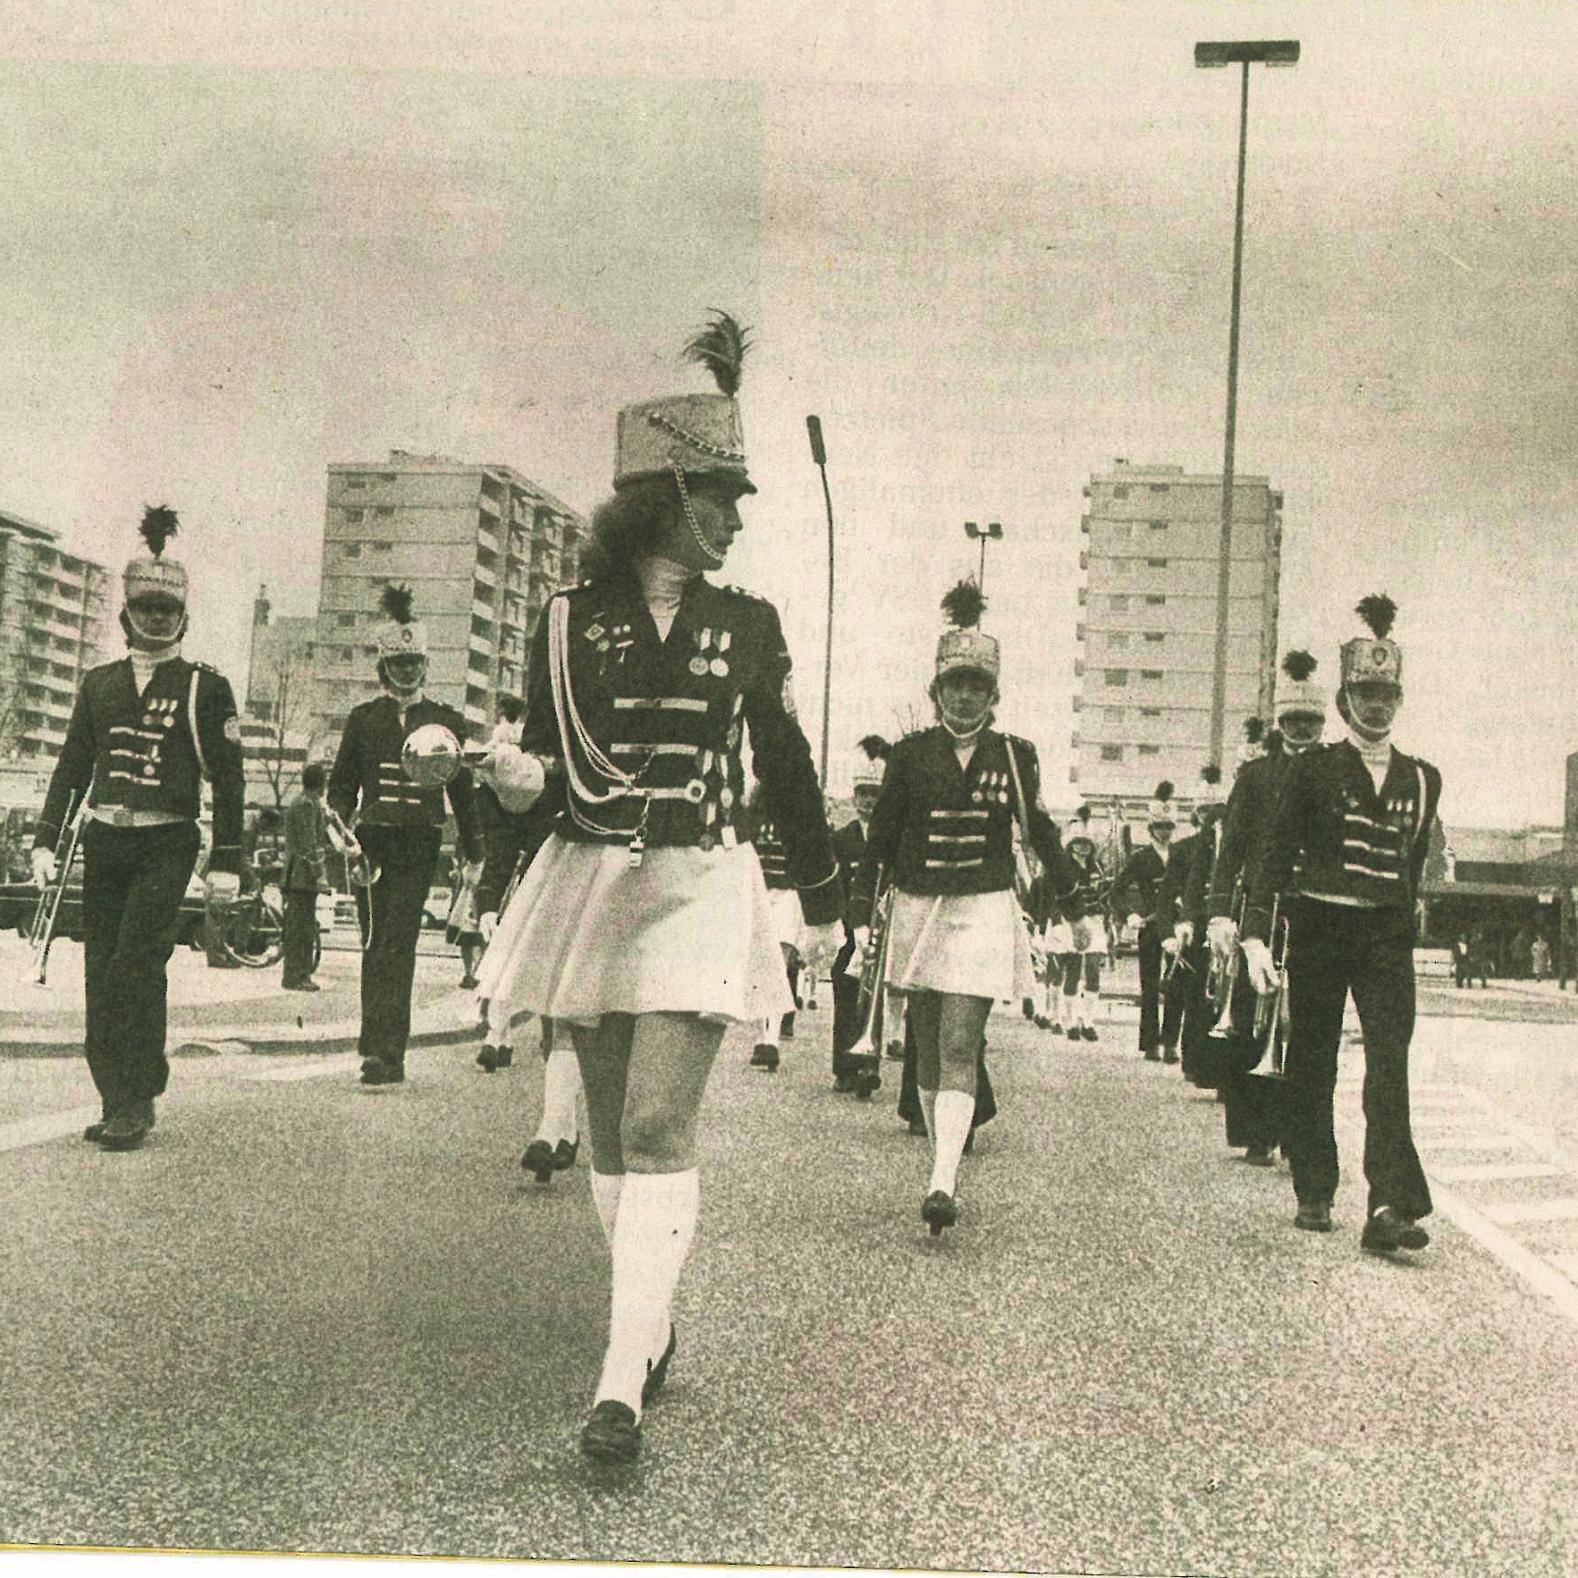 Zehn Jahre Herold-Center werden 1981 zehn Tage lang gefeiert. Der Spielmannszug marschiert vom Herold-Center kommend über den Birkenweg. FOTO: HORMANN